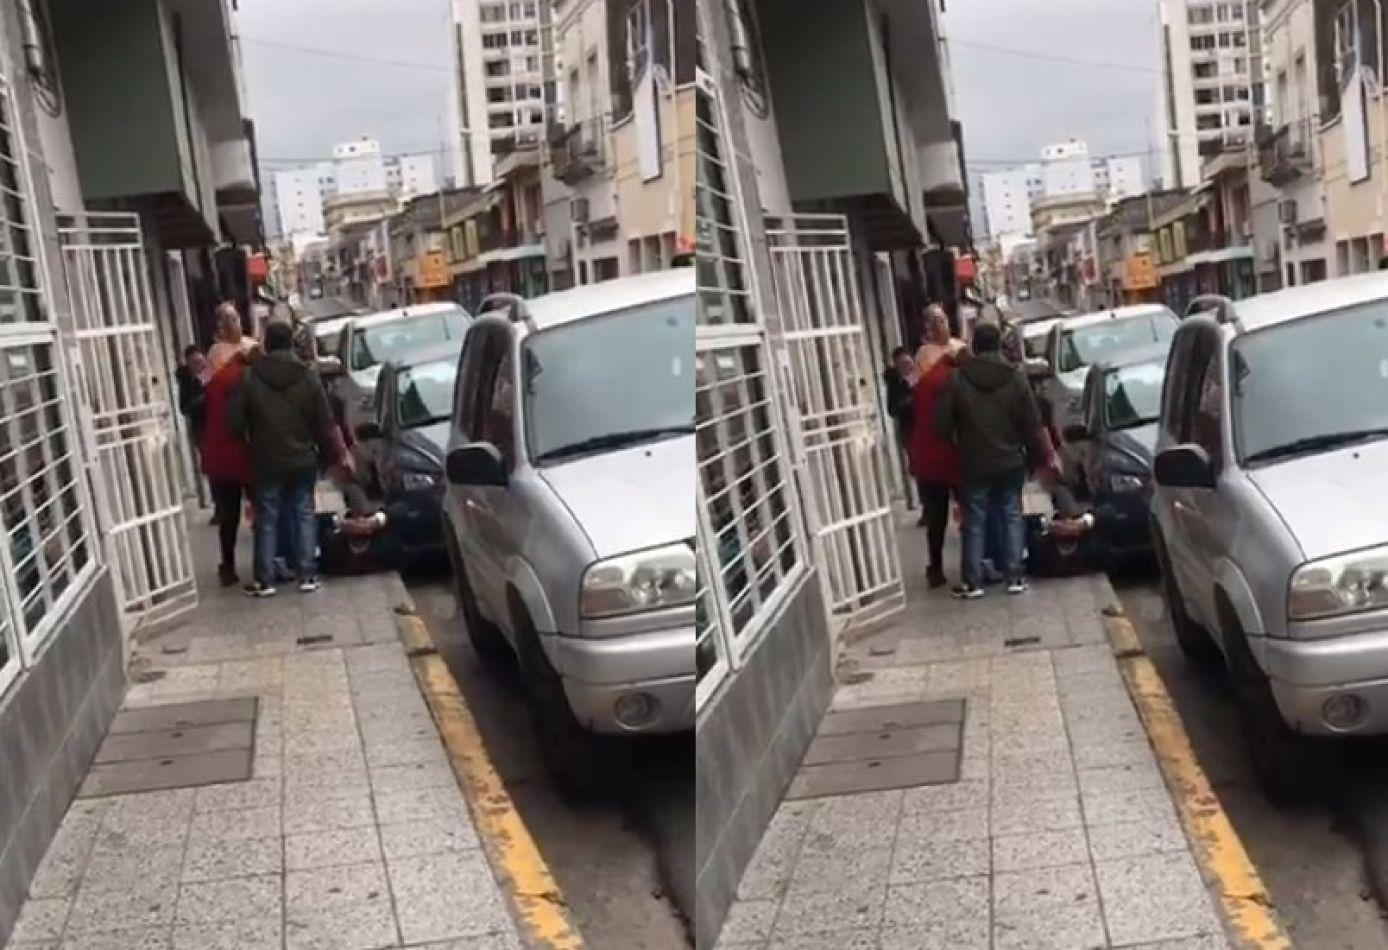 [HAY VIDEO] Atroz paliza a un intendente: lo patearon, le quebraron la cadera y está grave